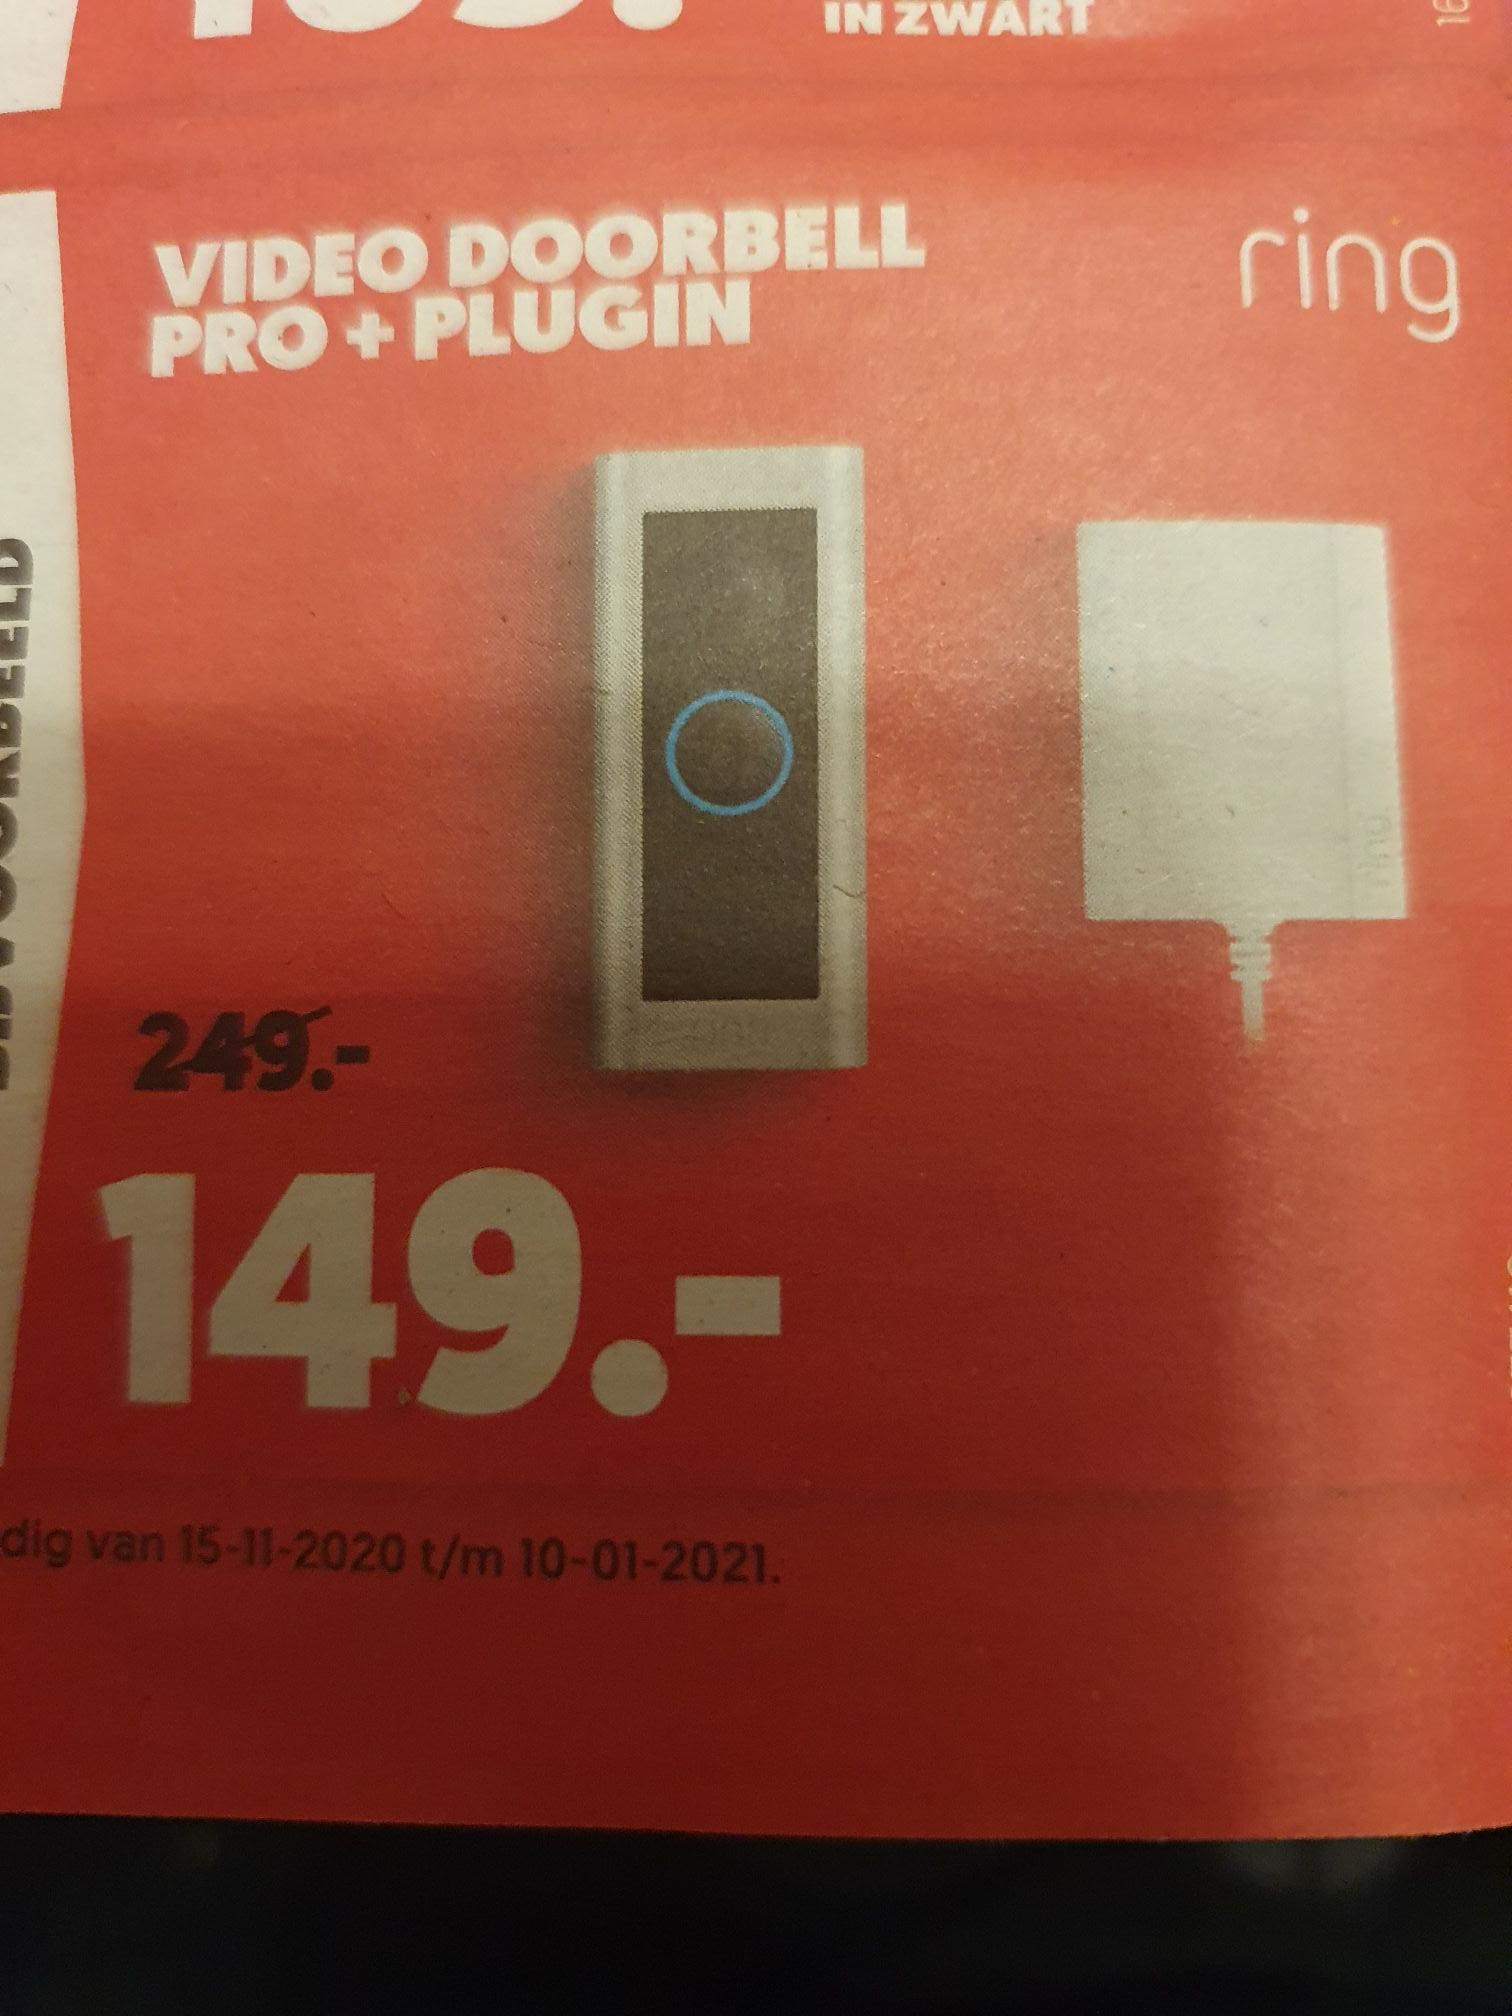 Ring Doorbell Pro + plugin laagste prijs ooit.